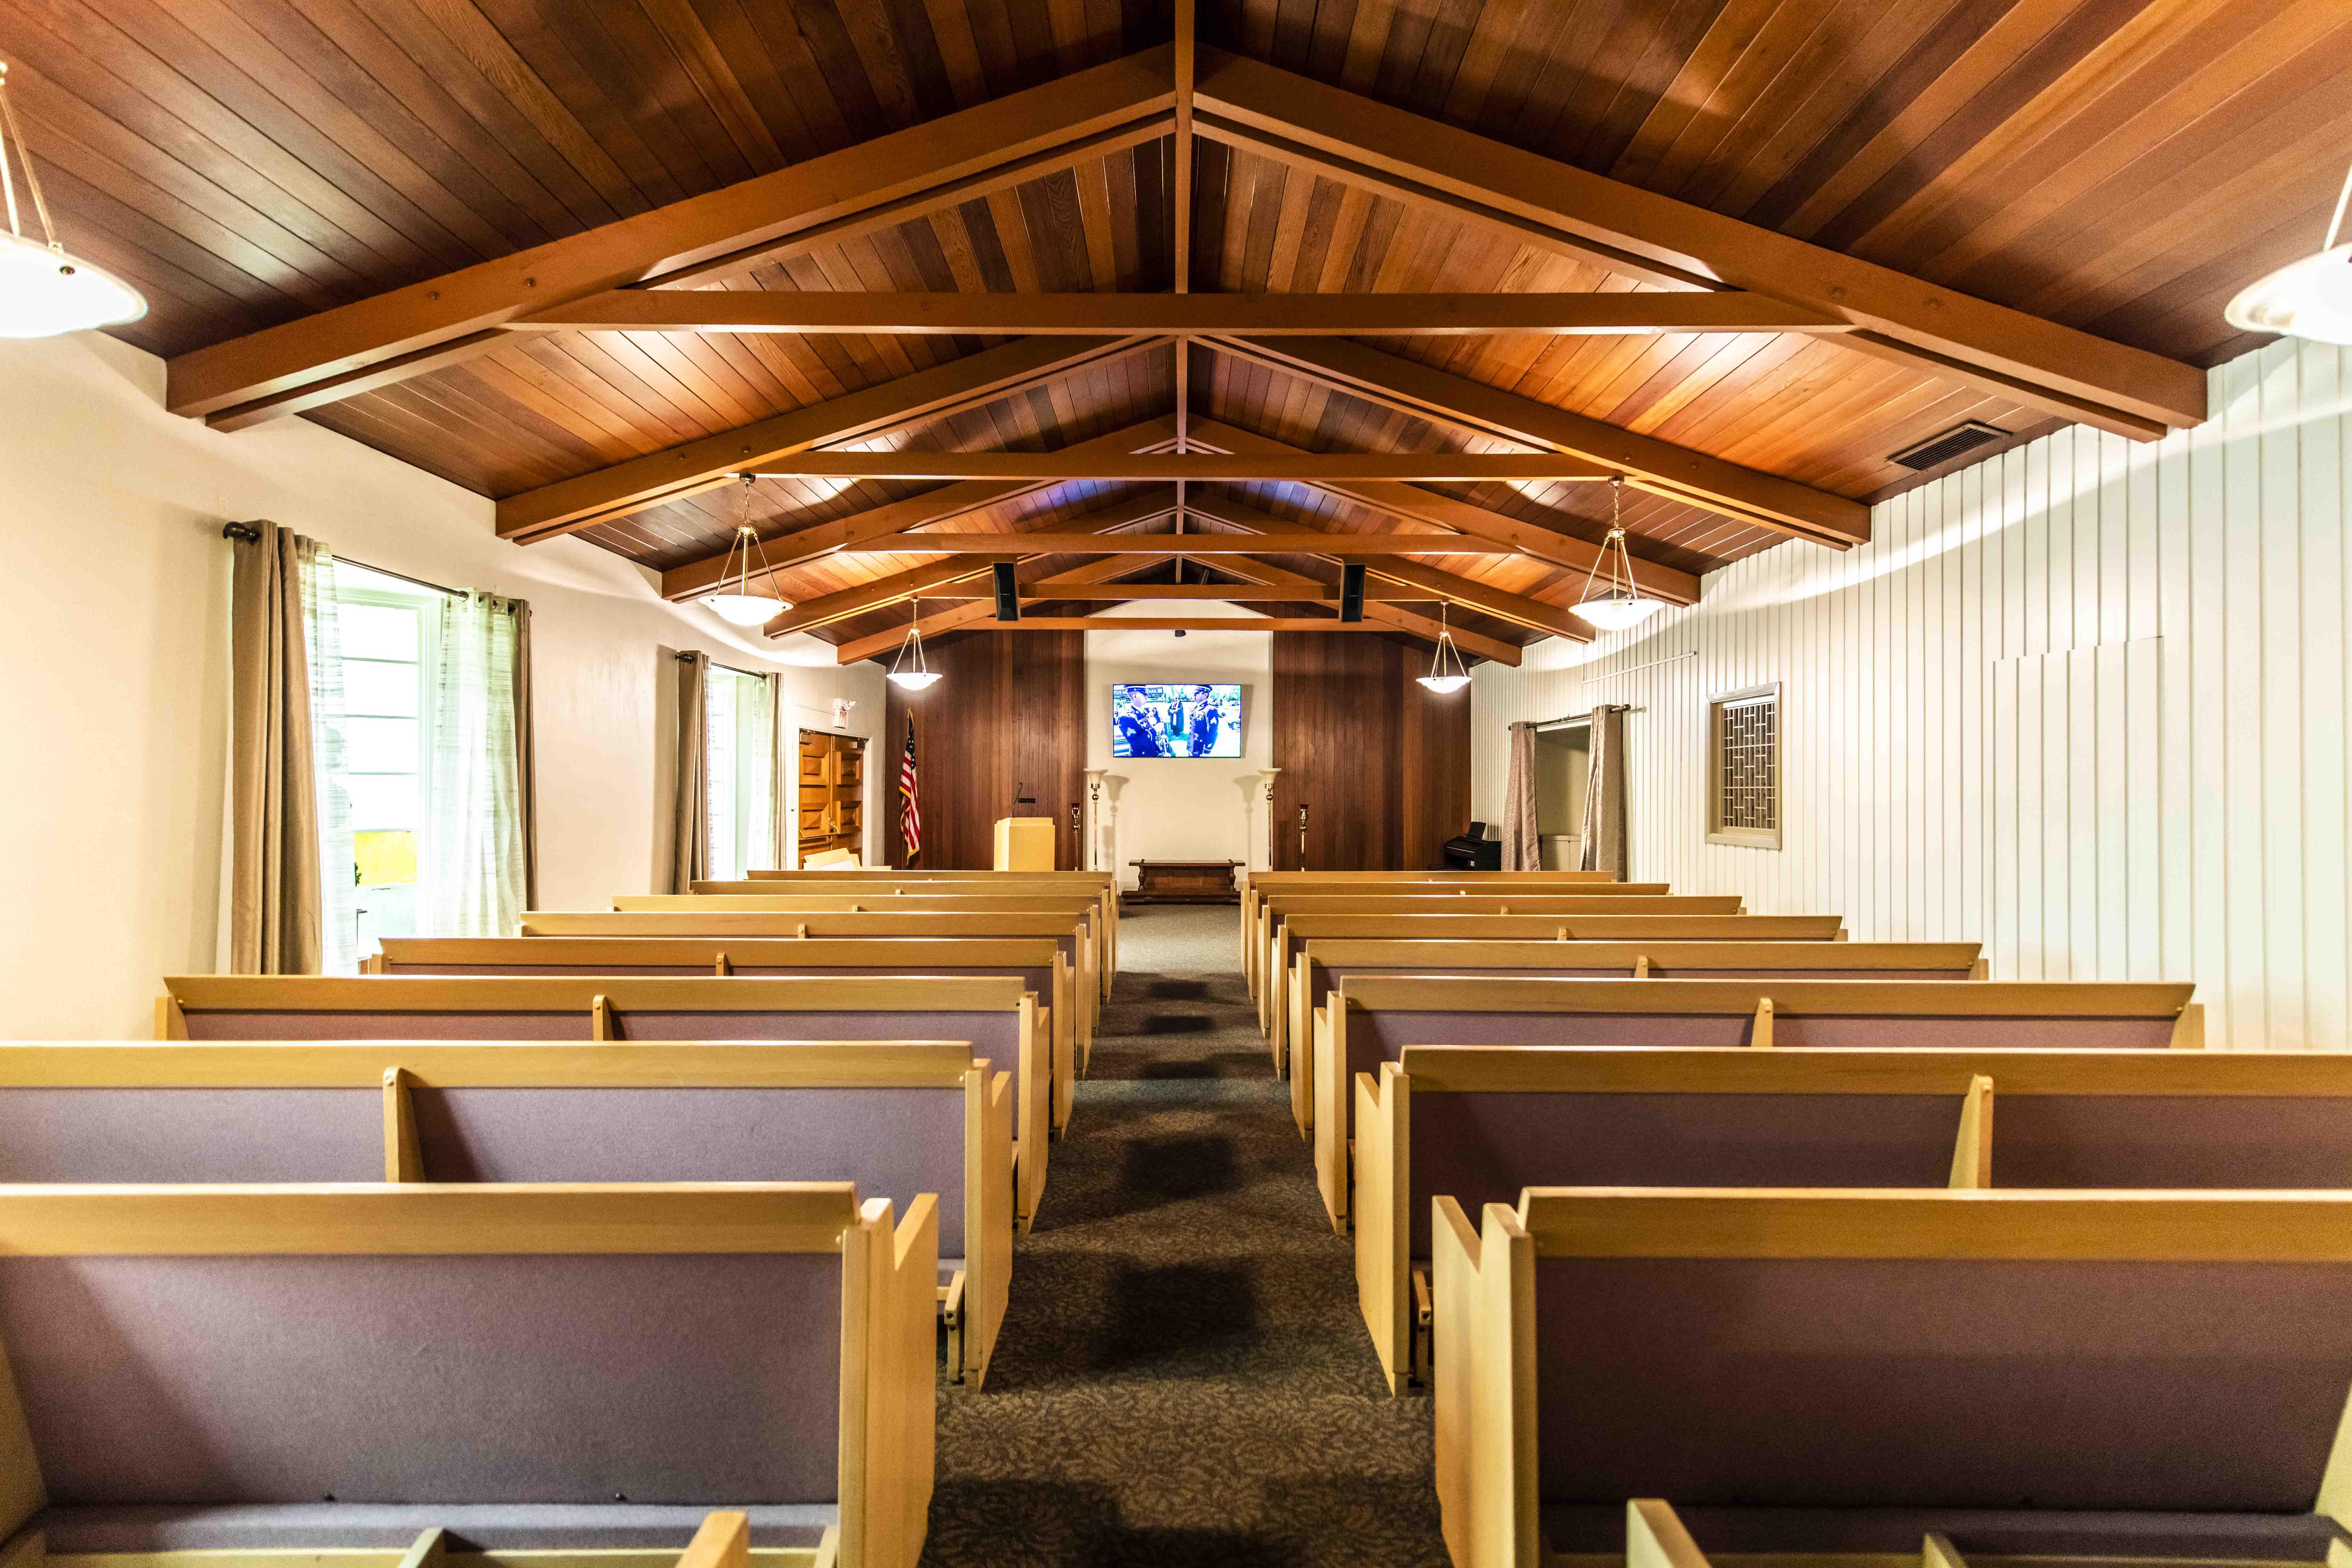 Darling & Fischer Chapel of the Hills